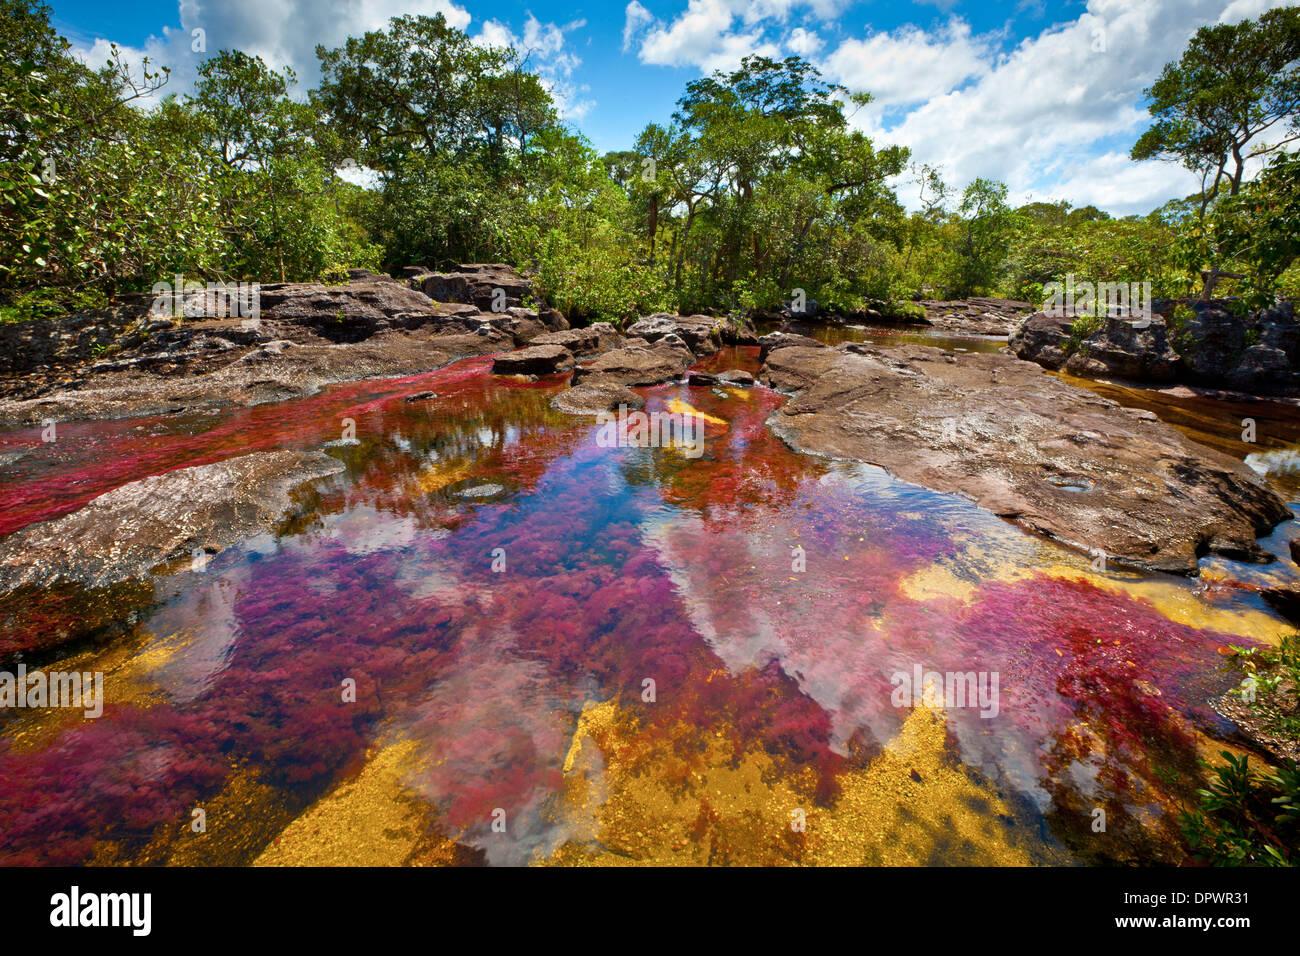 Colores a Cano Cristales, Colombia plantas submarinas (Macarenia clarigera) endémico de arroyo y área, Imagen De Stock